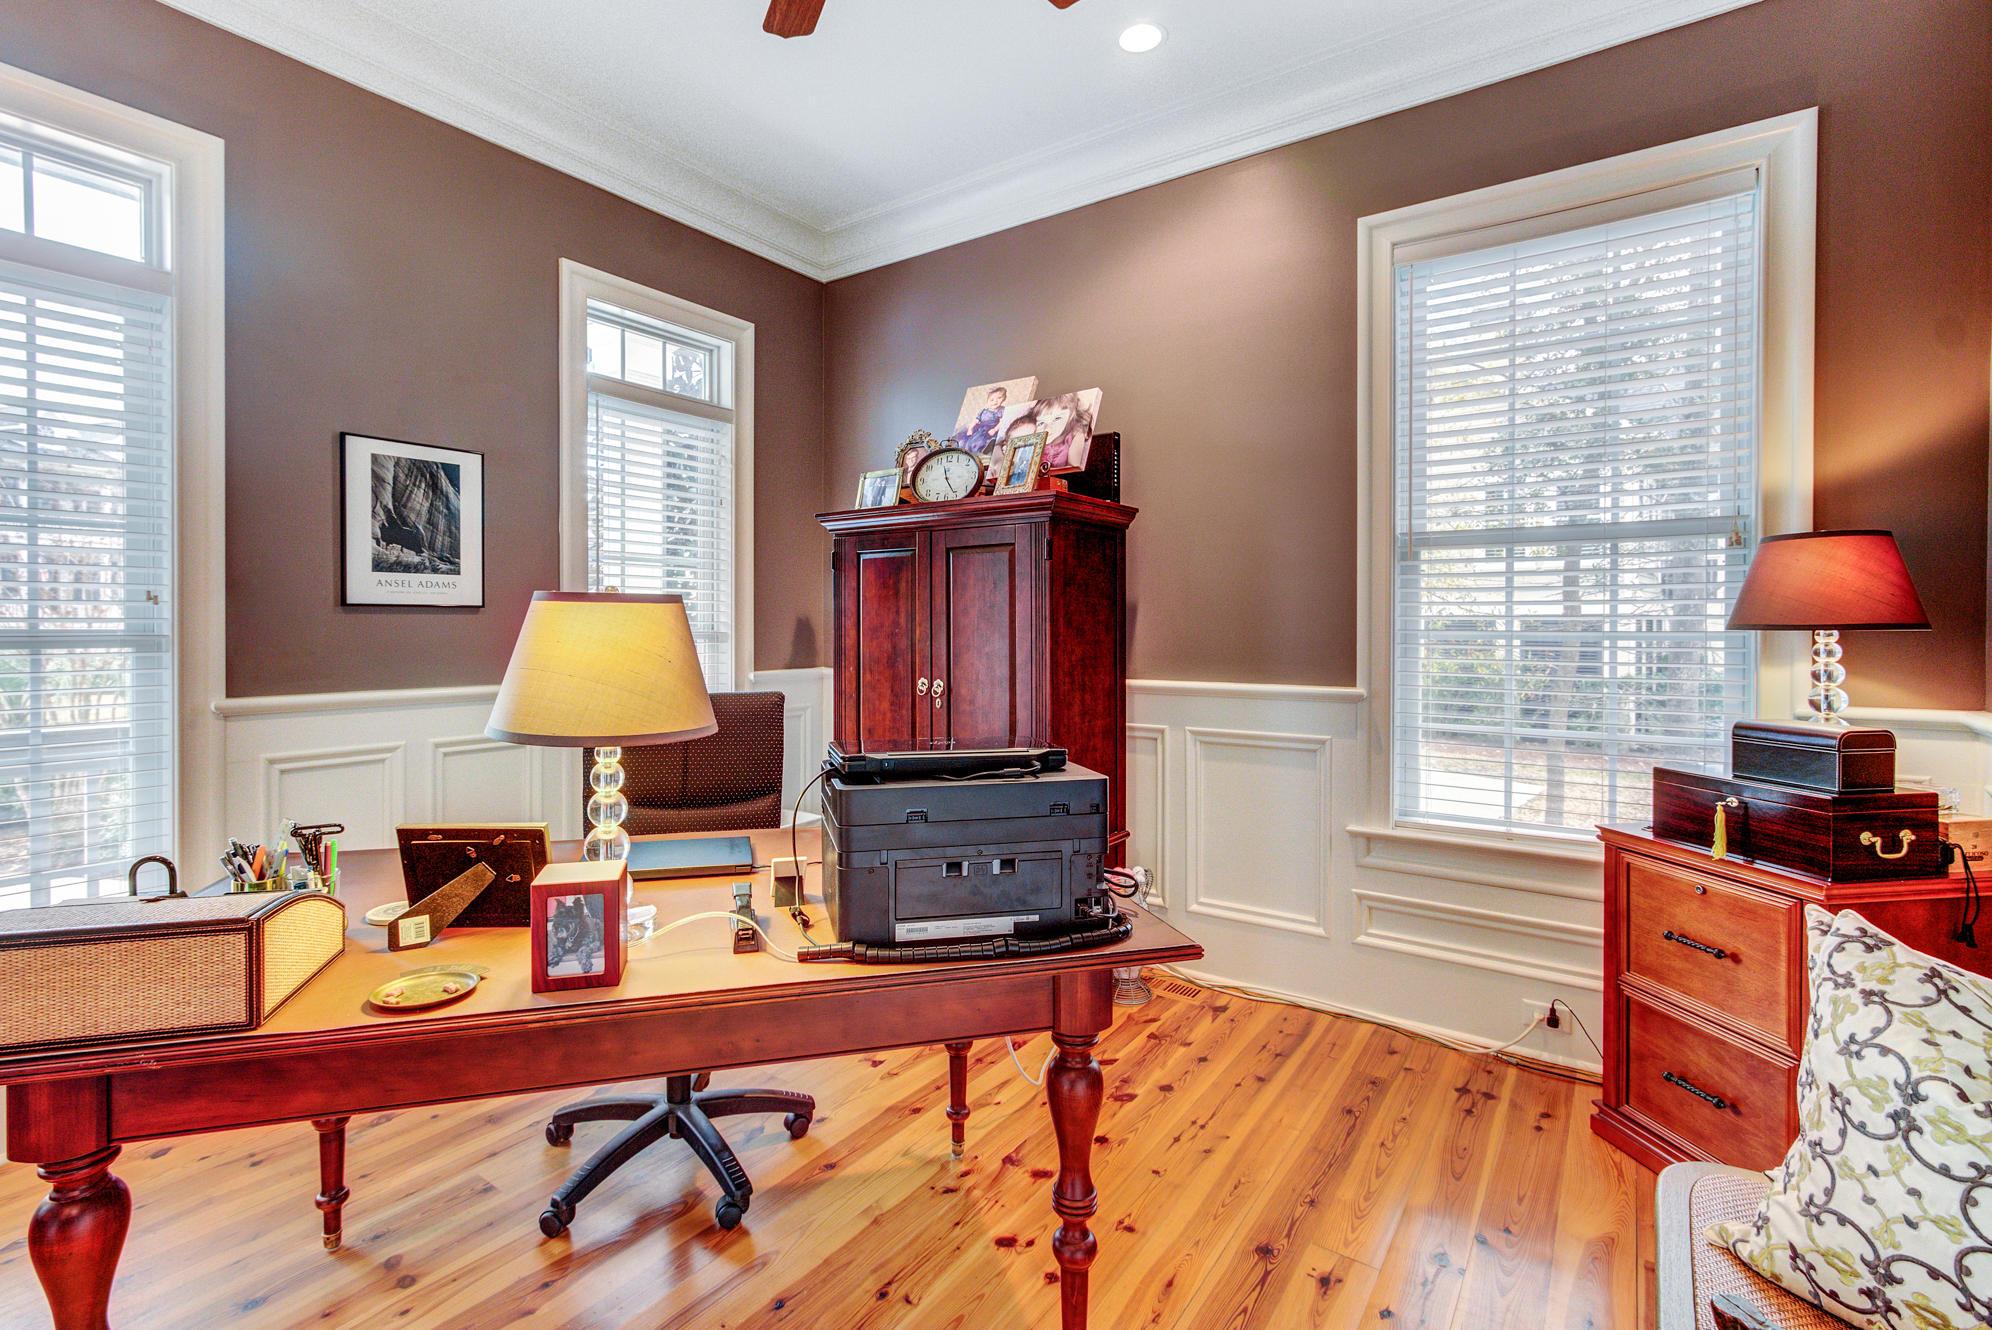 Park West Homes For Sale - 1527 Capel, Mount Pleasant, SC - 9